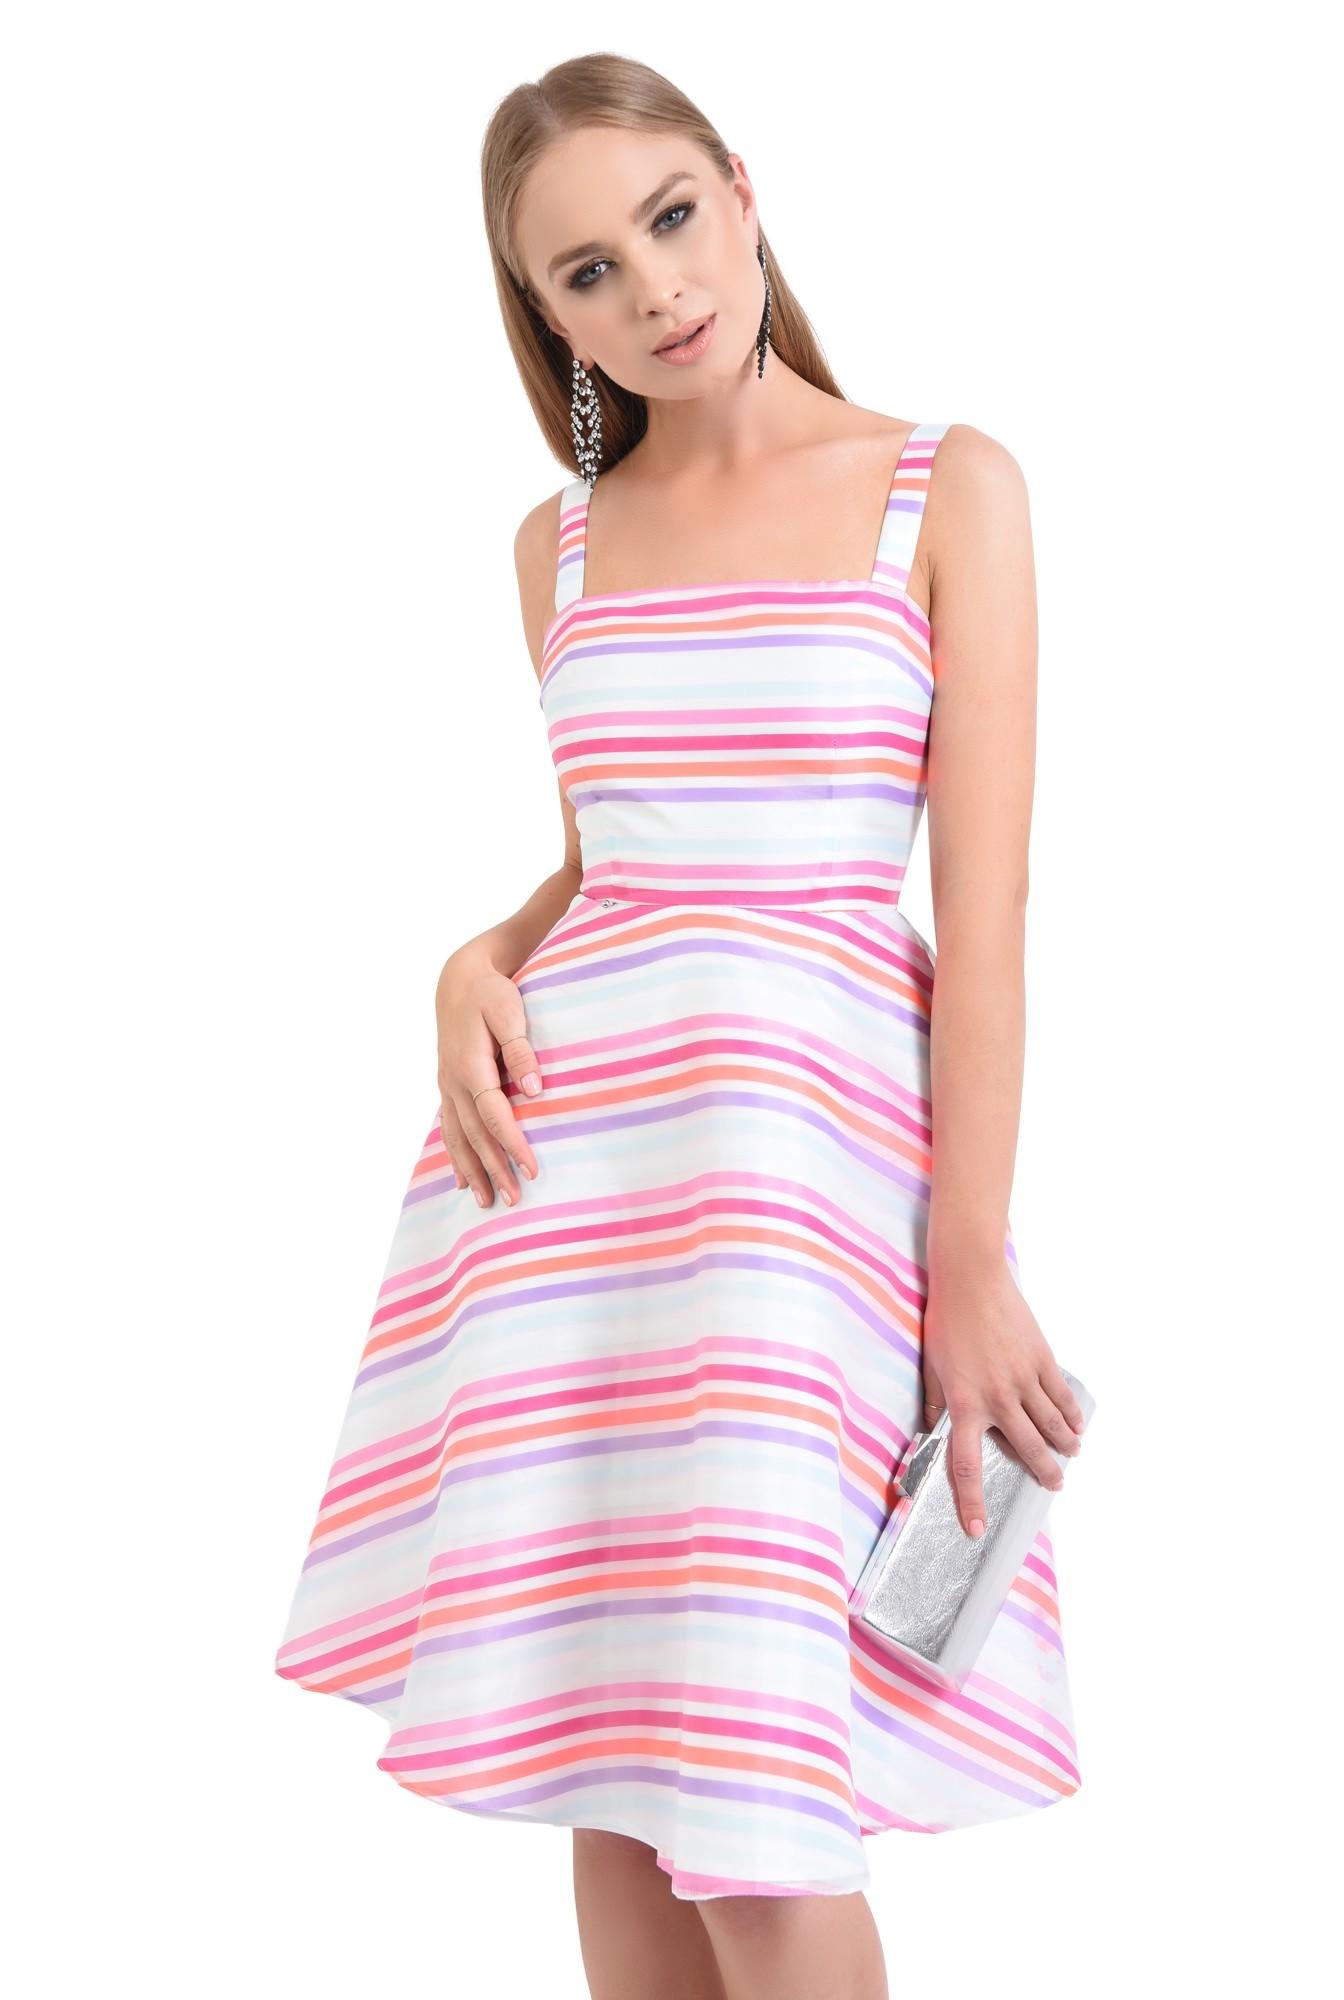 0 - rochie eleganta, tesatura satinata, imprimeu dungi, rochii de dama online